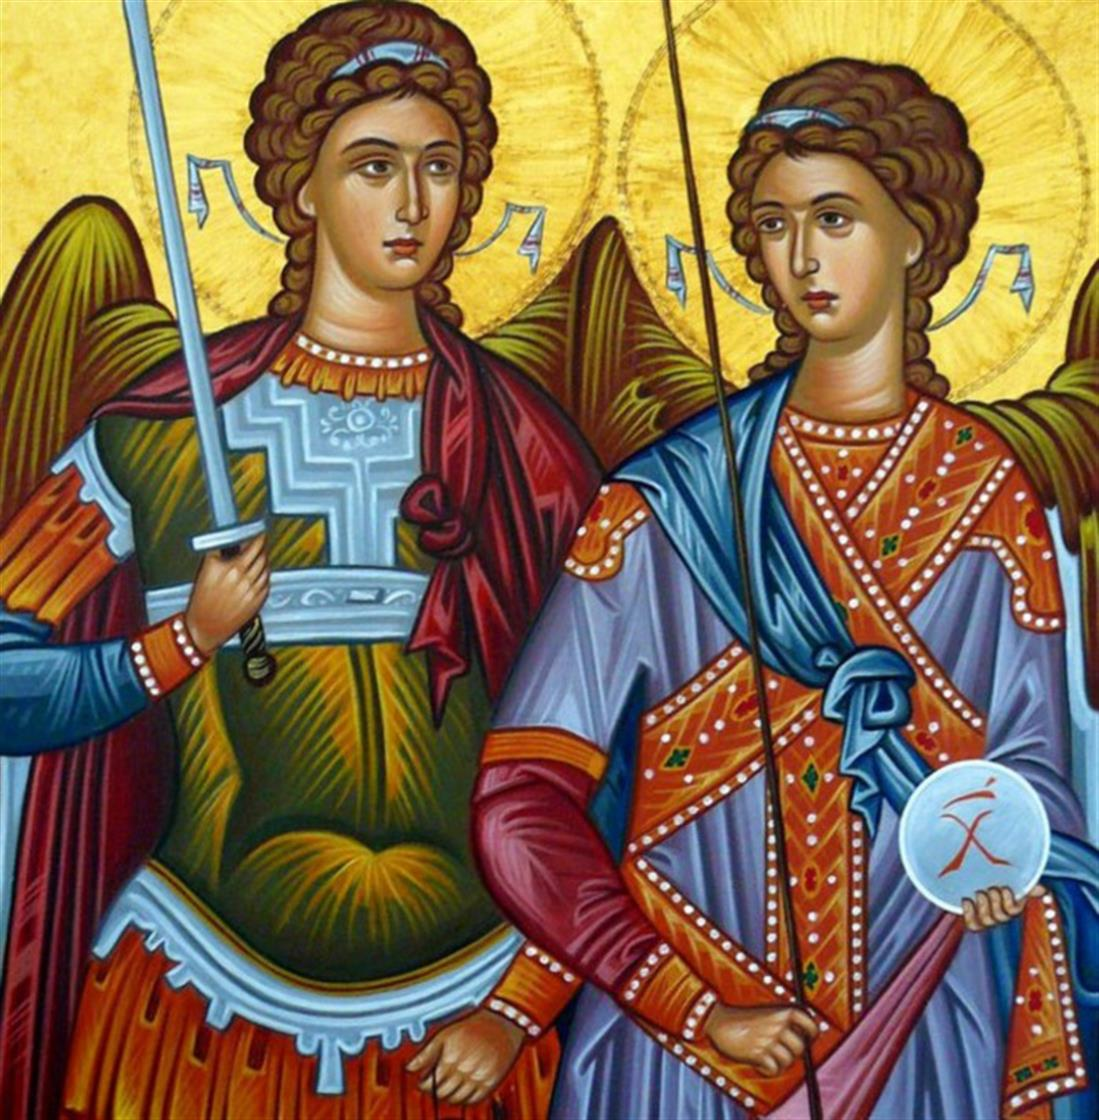 Των Ταξιαρχών - Αρχάγγελοι Μιχαήλ και Γαβριήλ